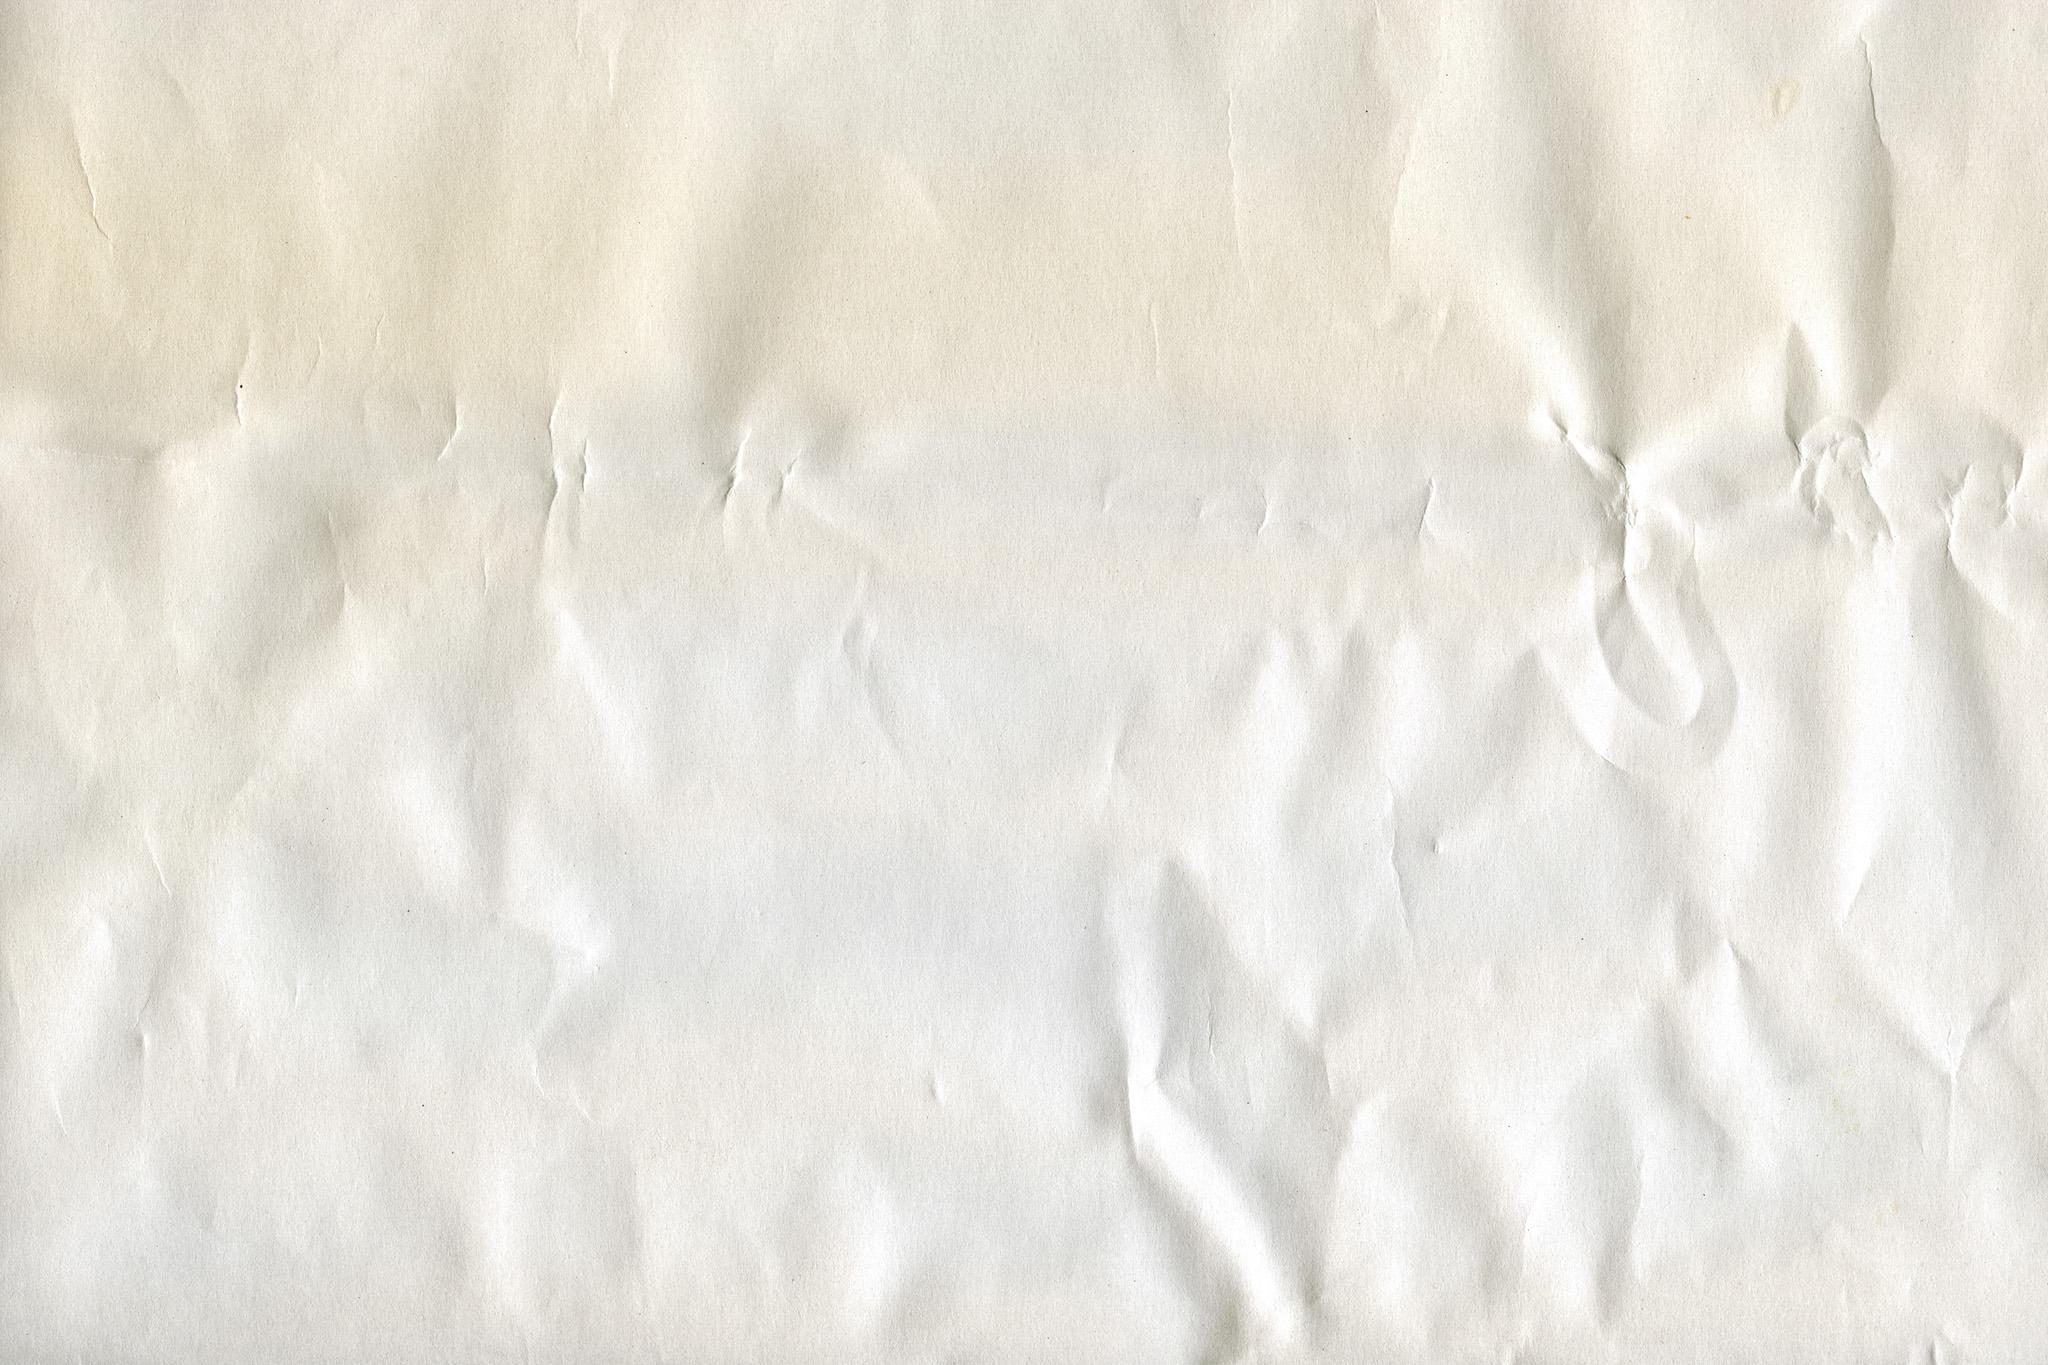 「シワがある紙の背景素材」